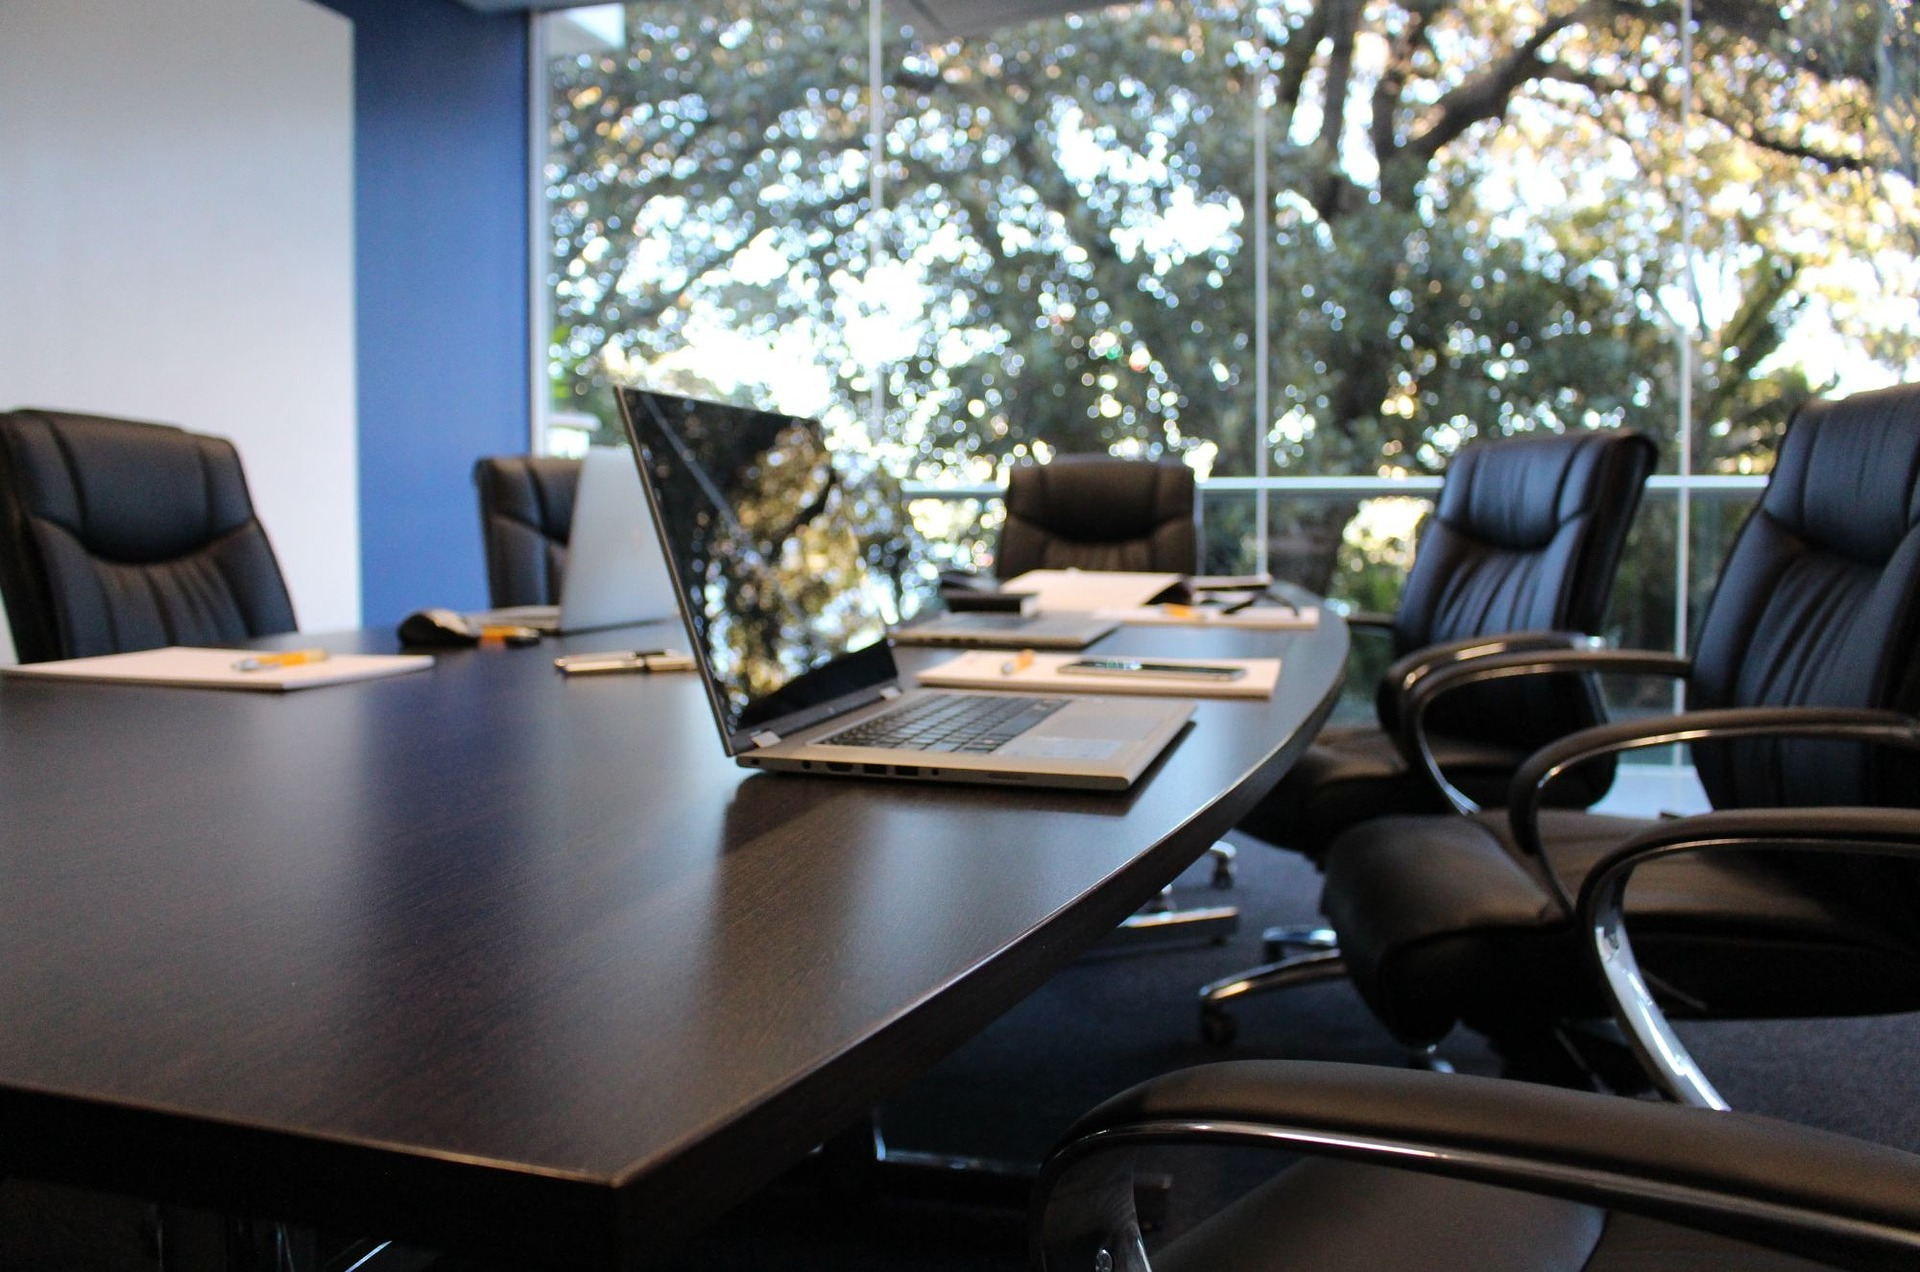 ブライダル新規の成約率を組織的に高める方法